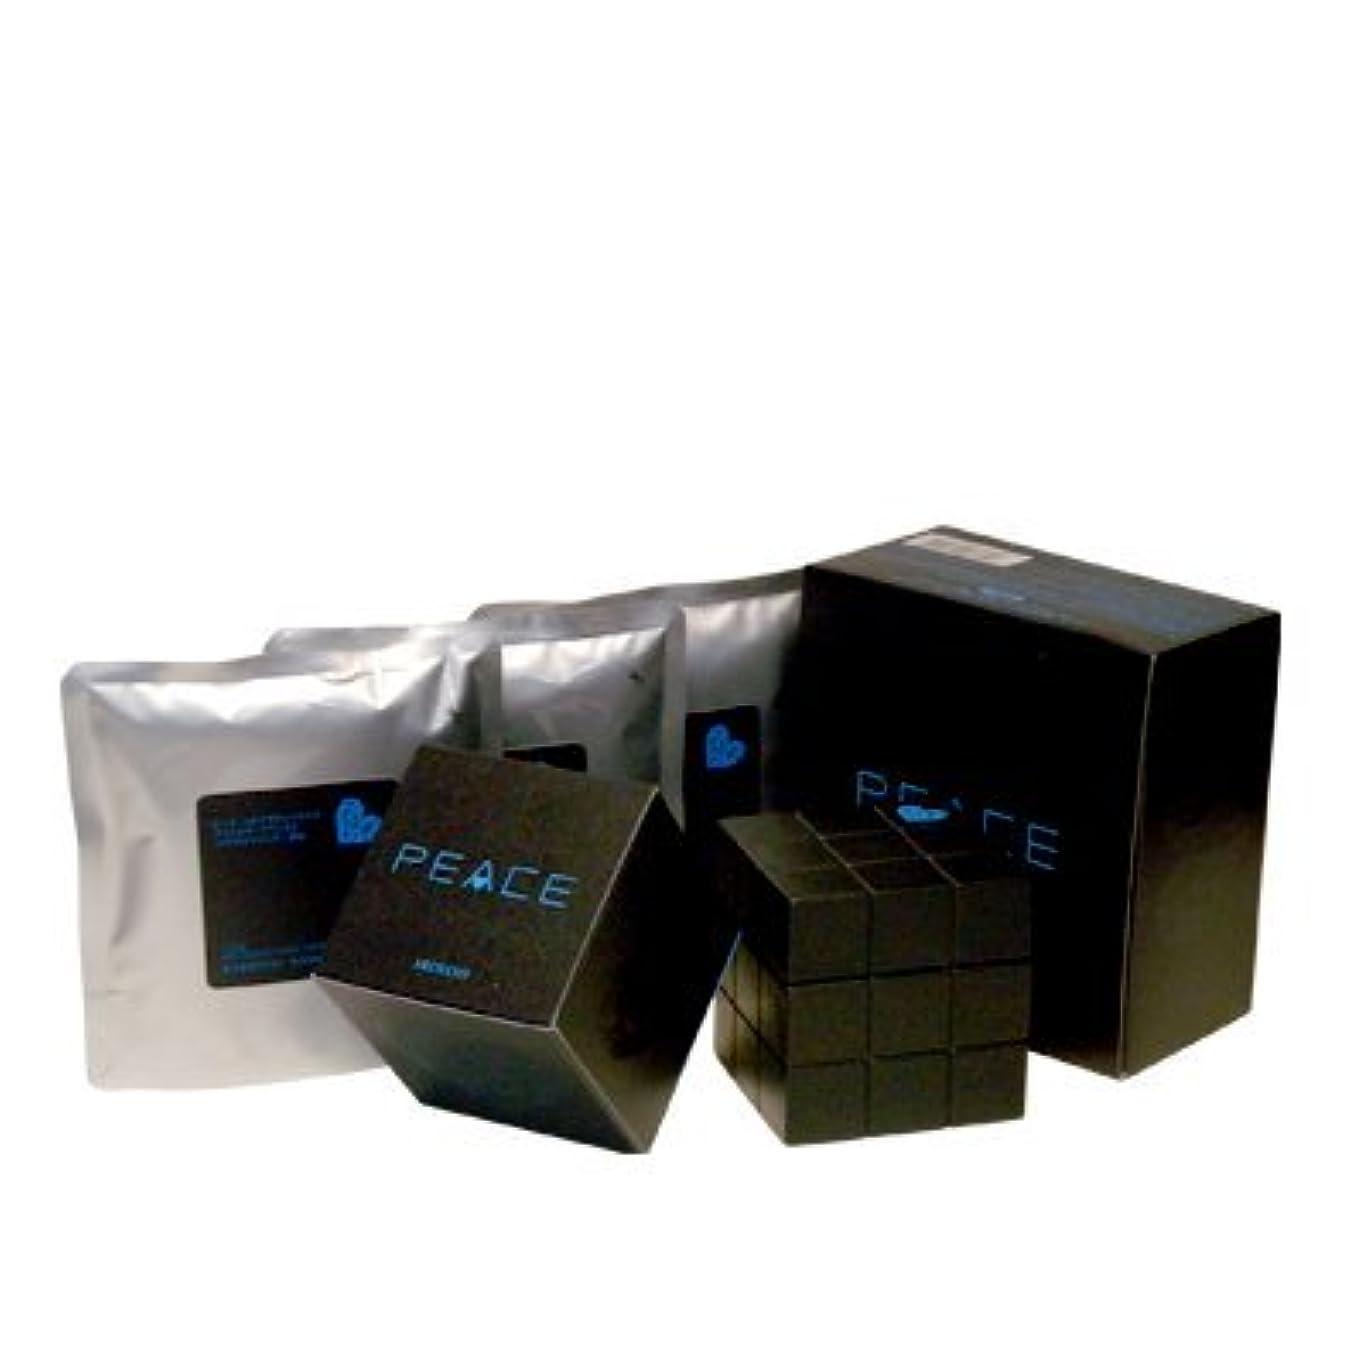 息を切らして州意義アリミノ ピース プロデザインシリーズ フリーズキープワックス ブラック80g+詰め替え80g×3